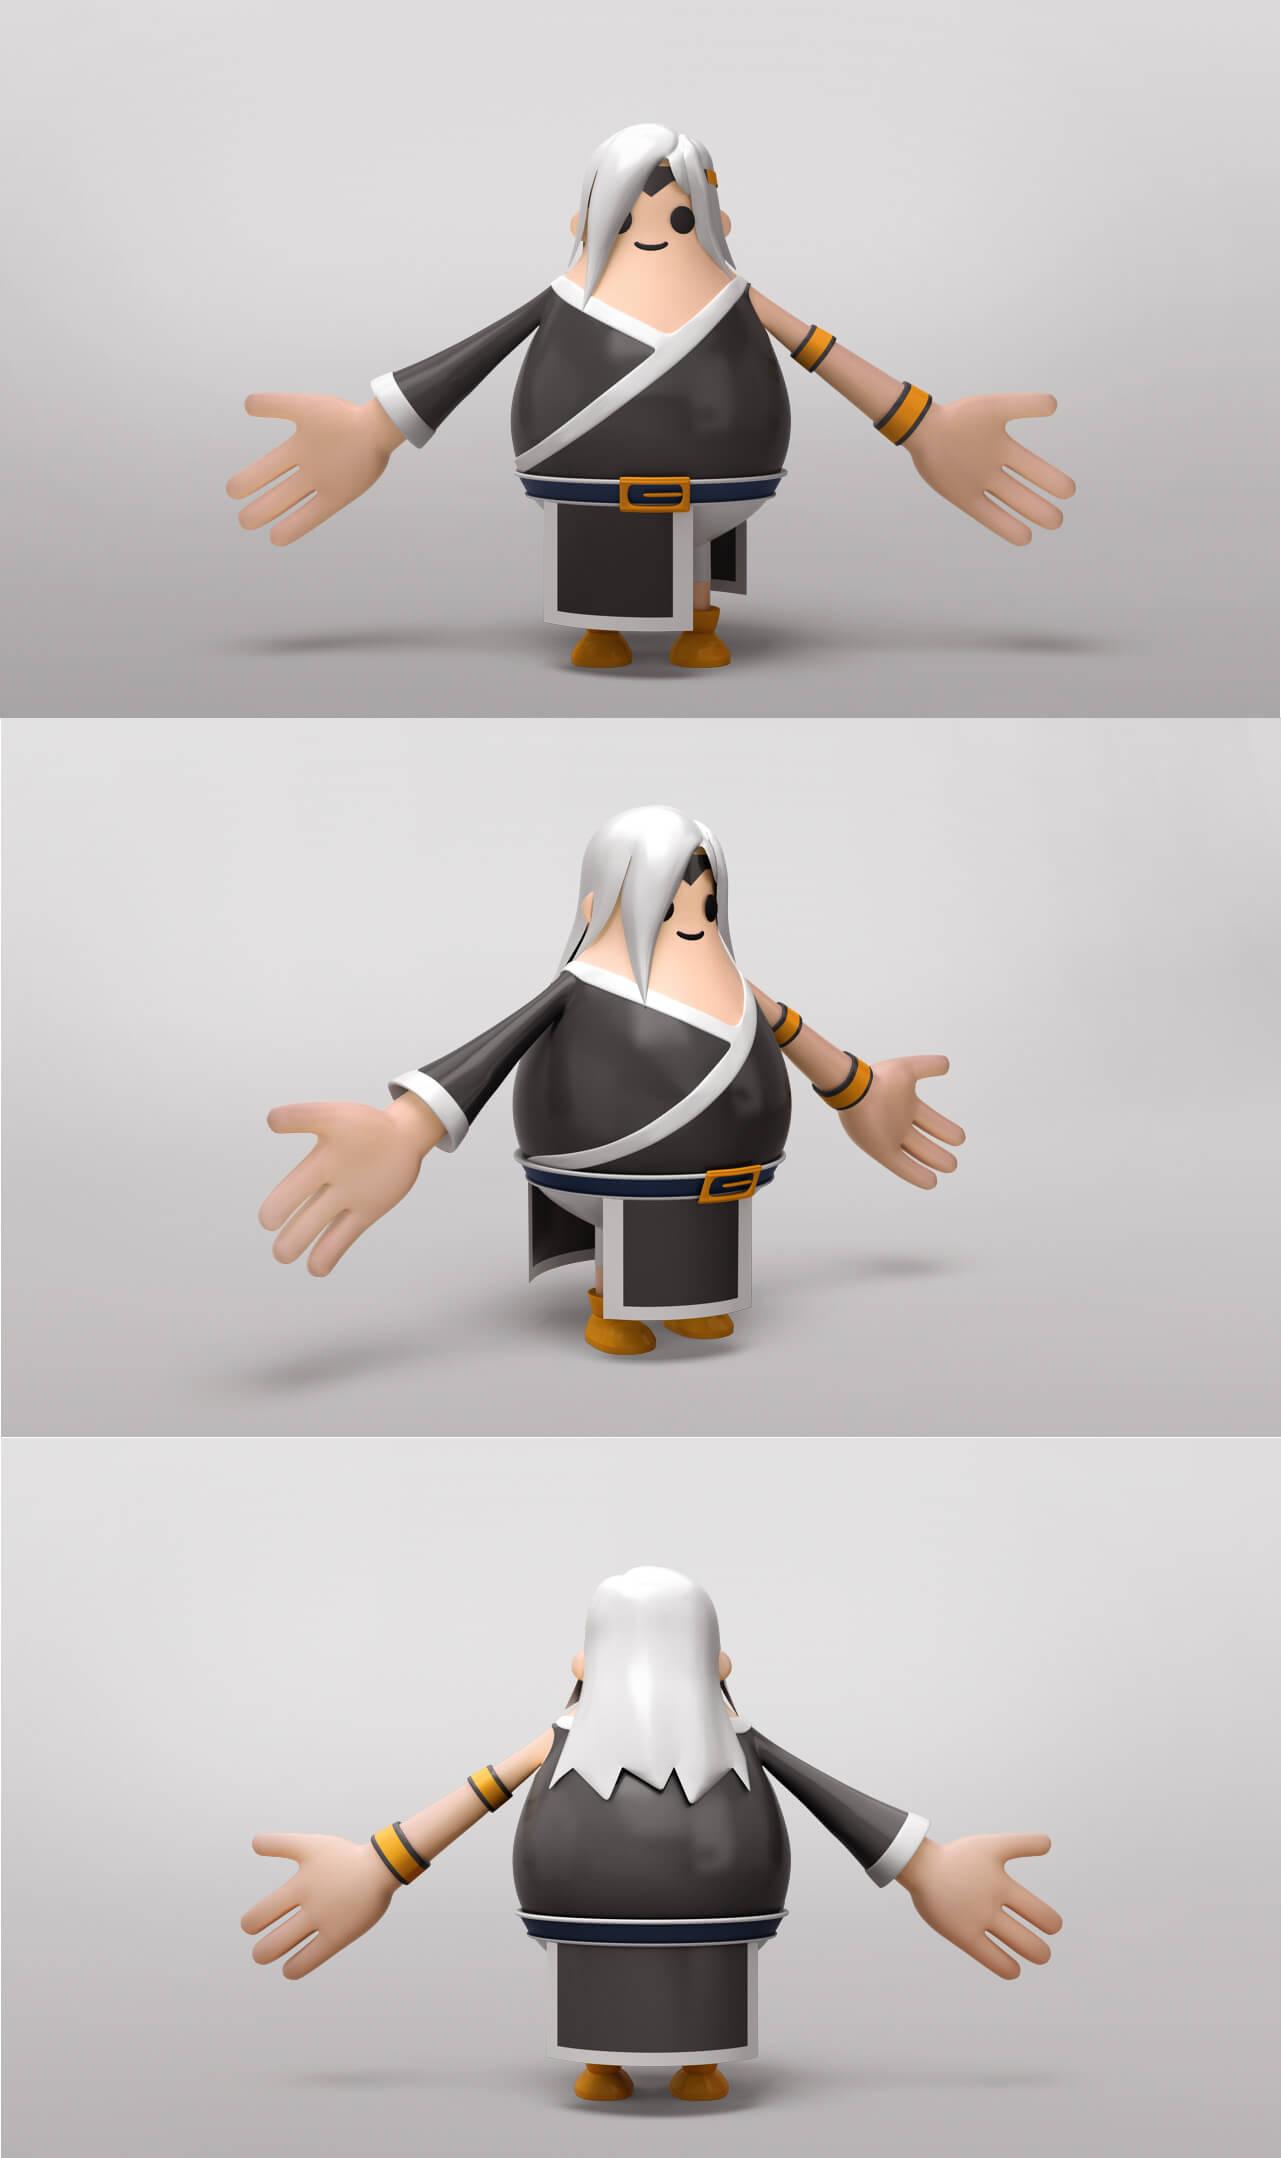 鬼剑 Asura